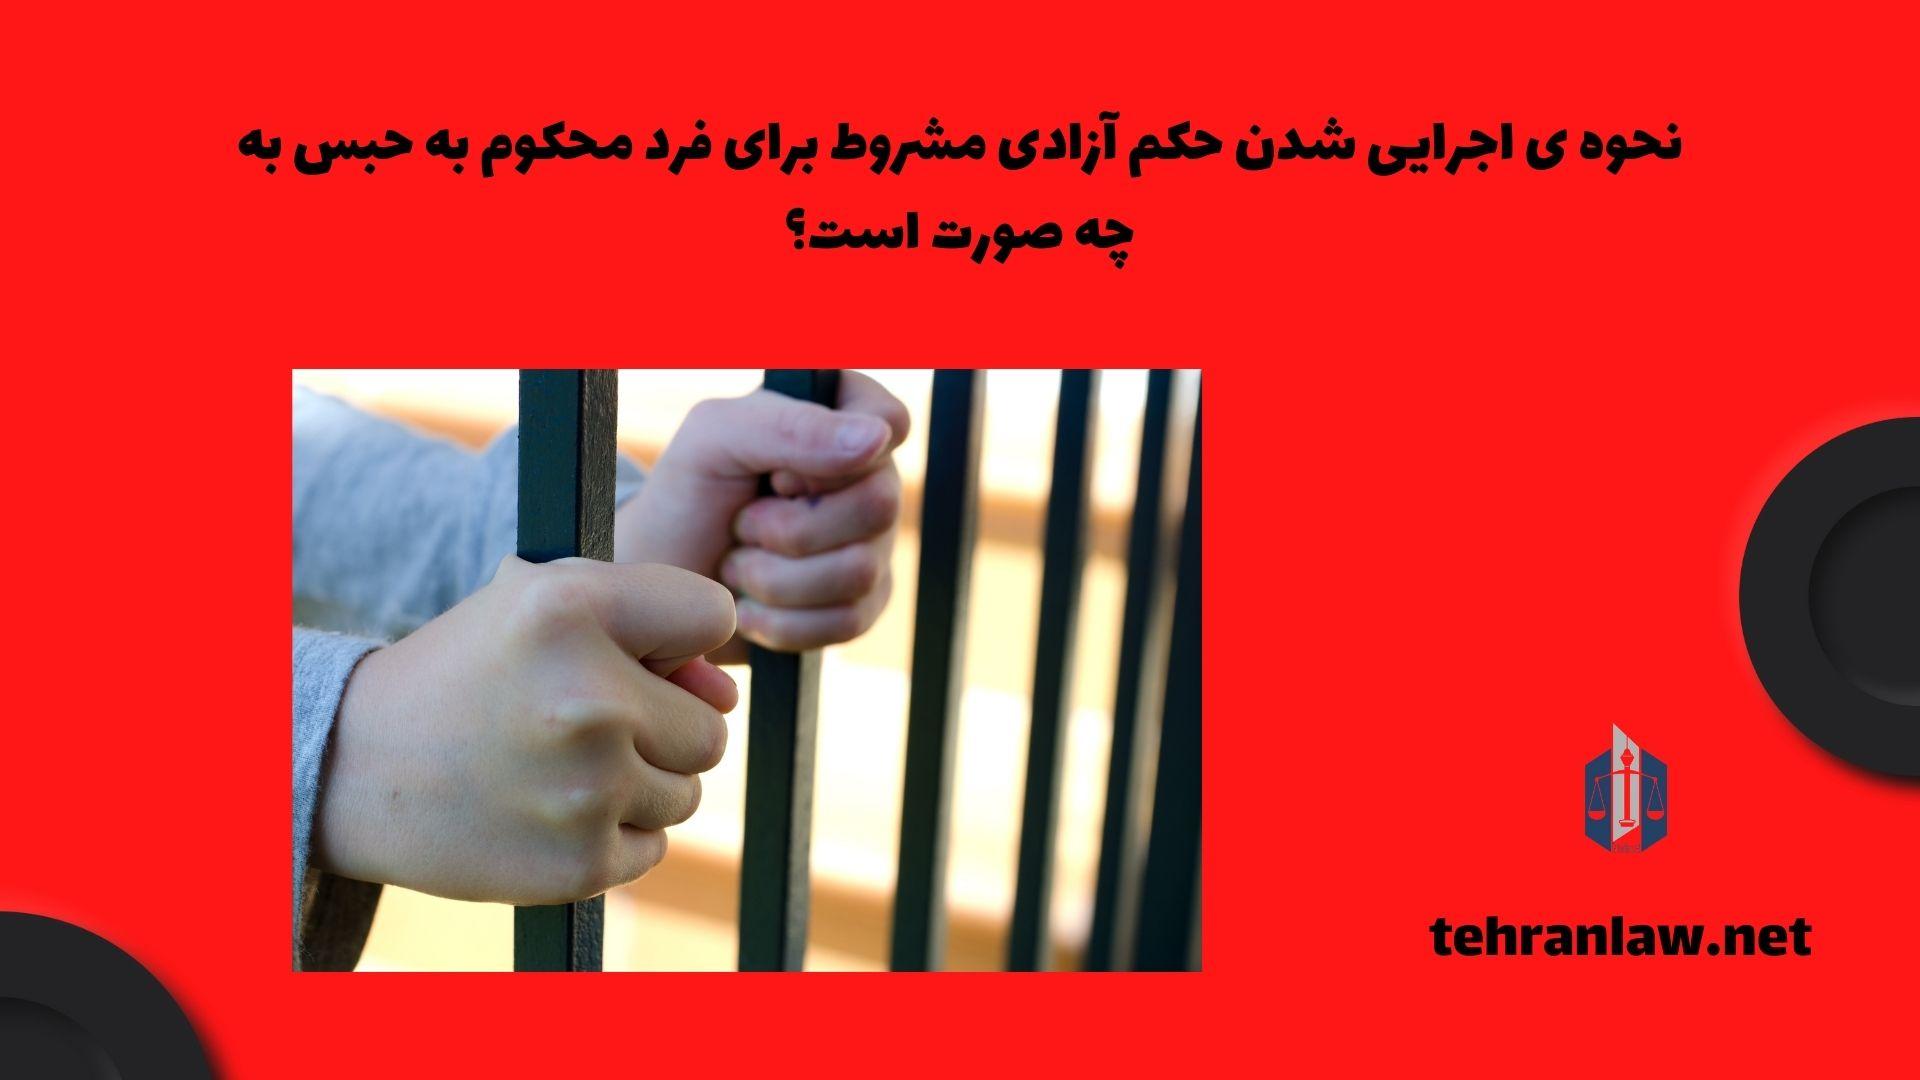 نحوه ی اجرایی شدن حکم آزادی مشروط برای فرد محکوم به حبس به چه صورت است؟